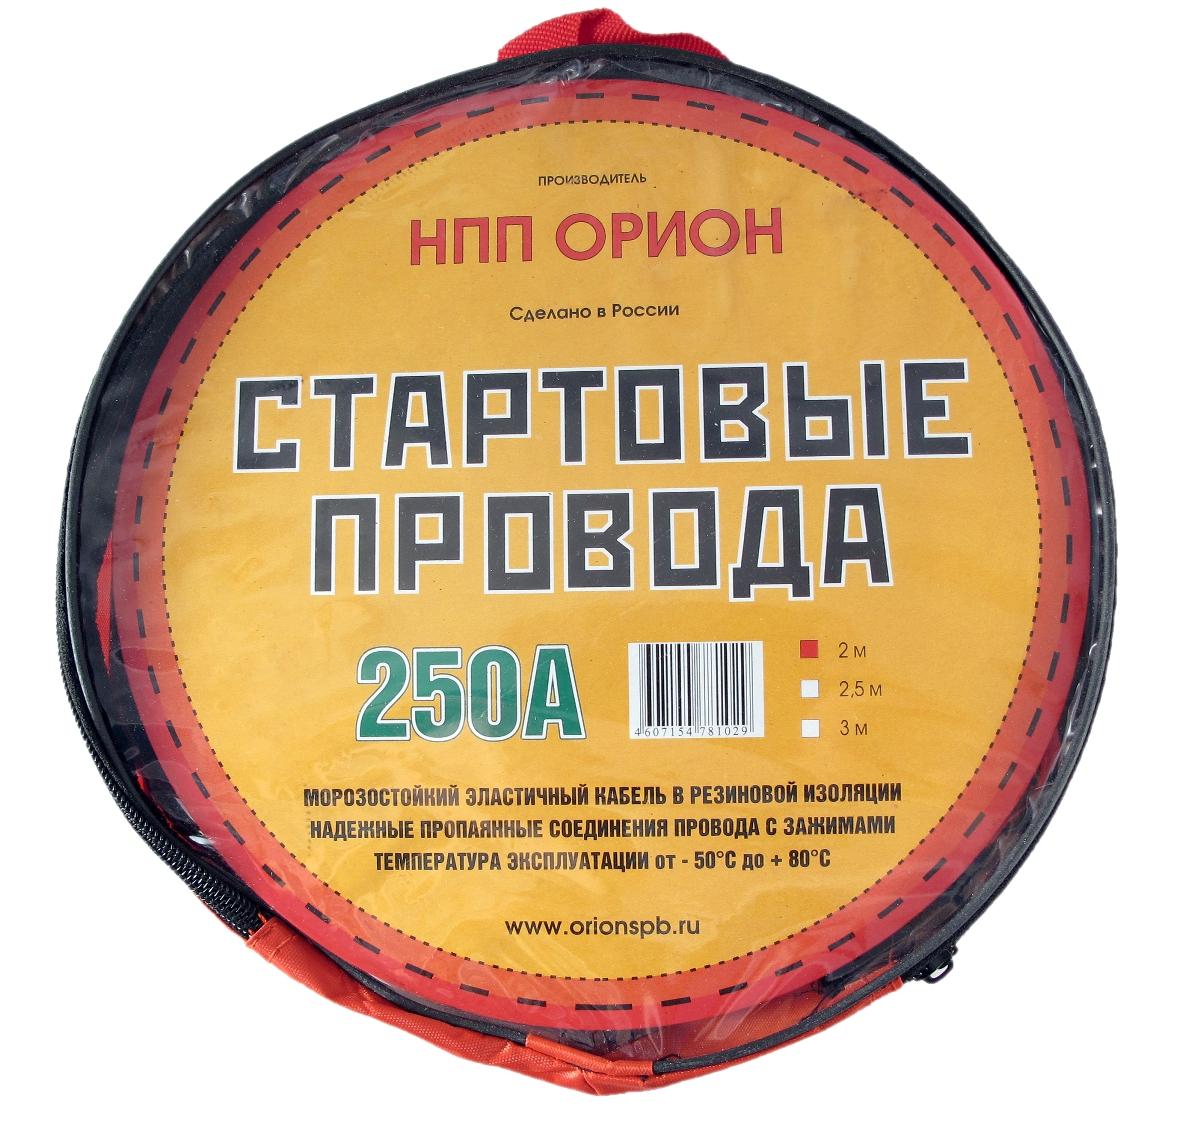 Стартовые провода Орион, хладостойкие, в сумке, 250А, 2 м5037НАЗНАЧЕНИЕСтартовые провода предназначены для соединения одноименных клемм аккумуляторов автомобилей для того, чтобы осуществить дополнительную подпитку стартера в автомобиле с разряженной аккумуляторной батареей или загустевшим от мороза маслом. Применяются для запуска двигателей легковых и грузовых автомобилей при низкой температуре воздуха в холодное время года, а также после длительного хранения автомобиля, вызвавшего саморазряд аккумуляторной батареи.ОСОБЕННОСТИ-Морозостойкий эластичный кабель в резиновой изоляции-Многожильный медный проводник-Полностью изолированные зажимы-Надежные пропаянные соединения провода с зажимами-Температура эксплуатации от - 50° С до + 80° СВАРИАНТЫ ИСПОЛНЕНИЯ250 А........2 м; 2,5 м; 3 м